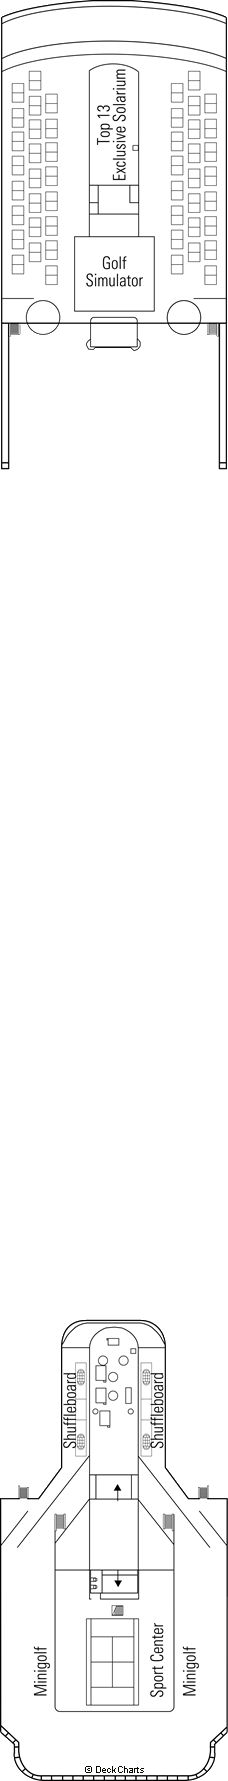 MSC Sinfonia: Schubert Deck